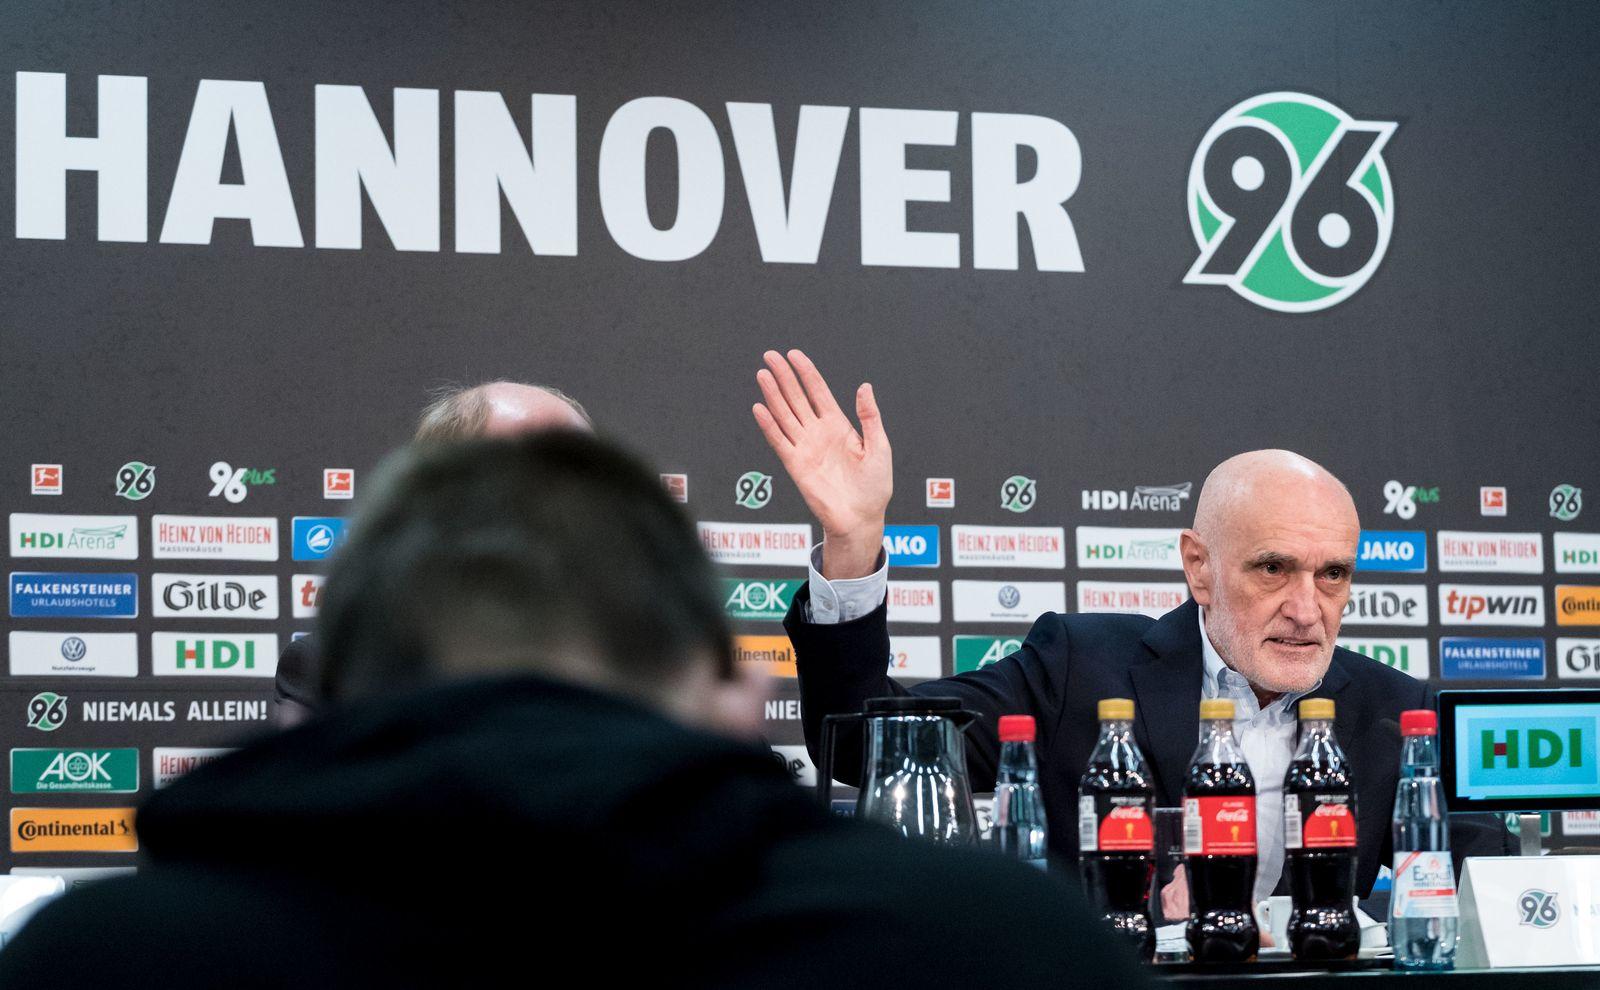 Hannover 96 - Martin Kind